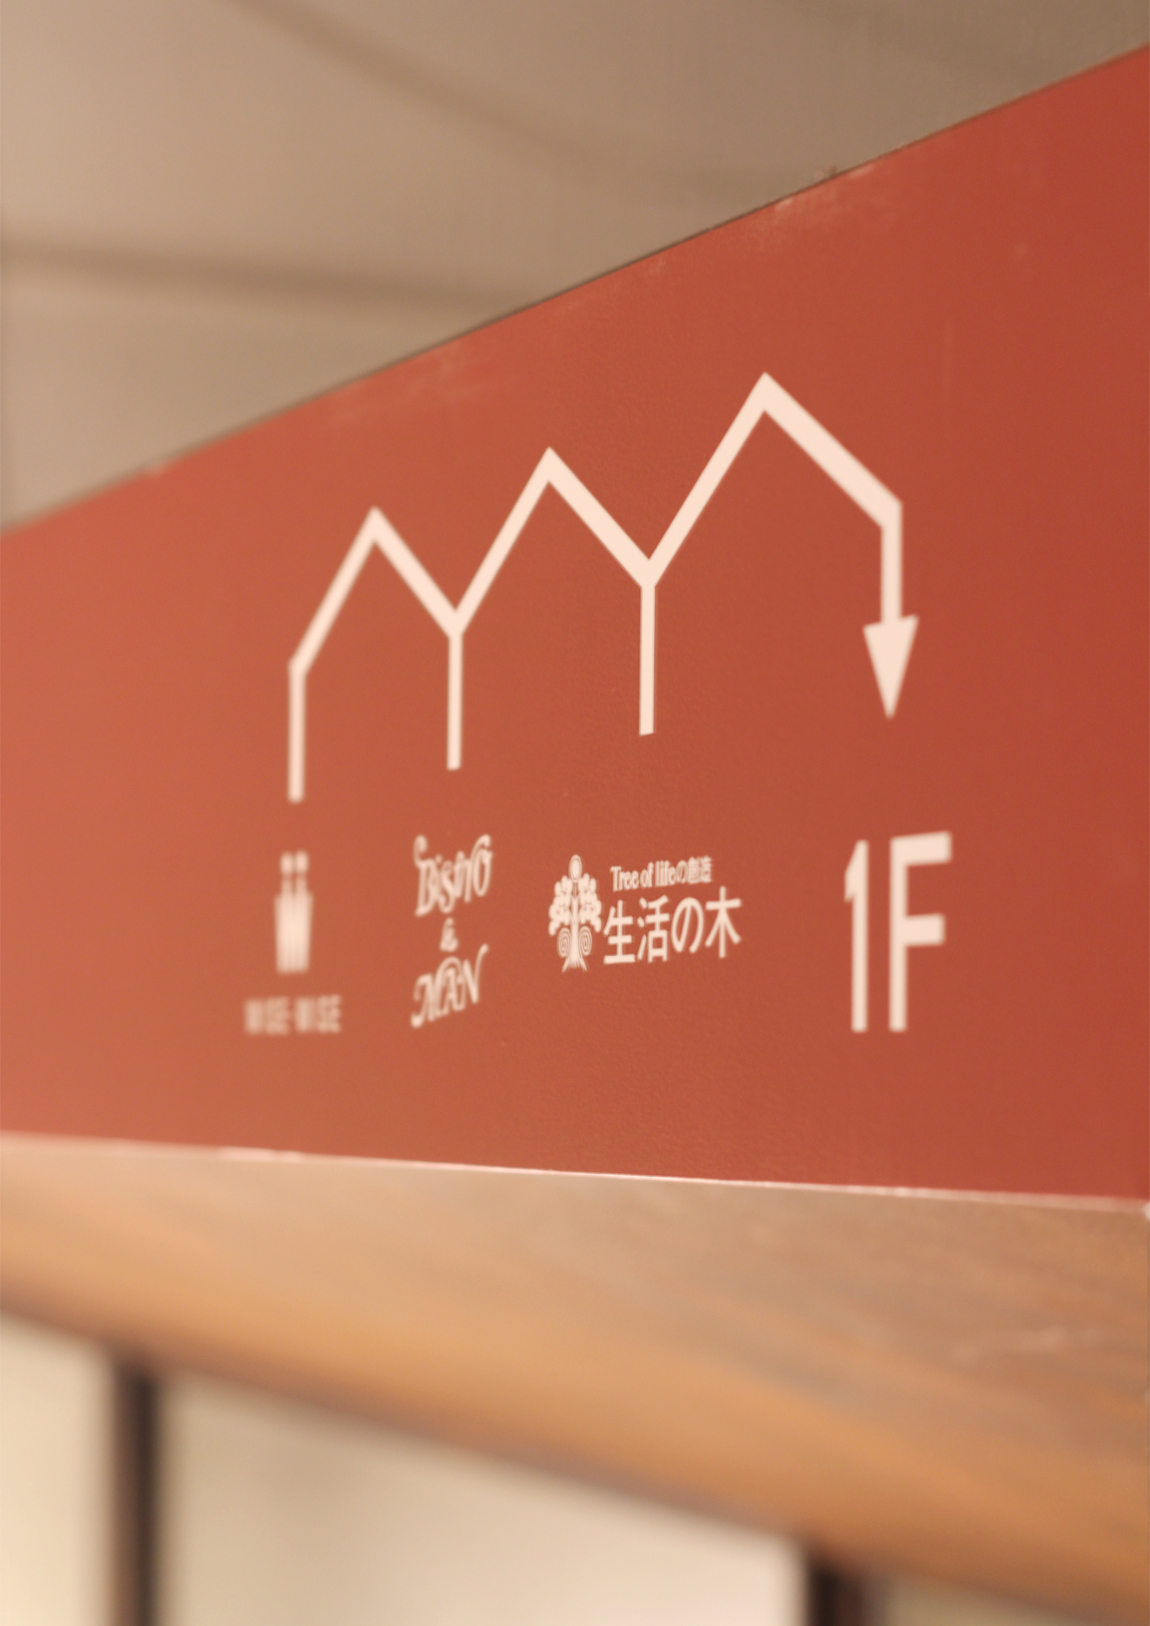 表参道文化中心标识设计©NOSIGNER